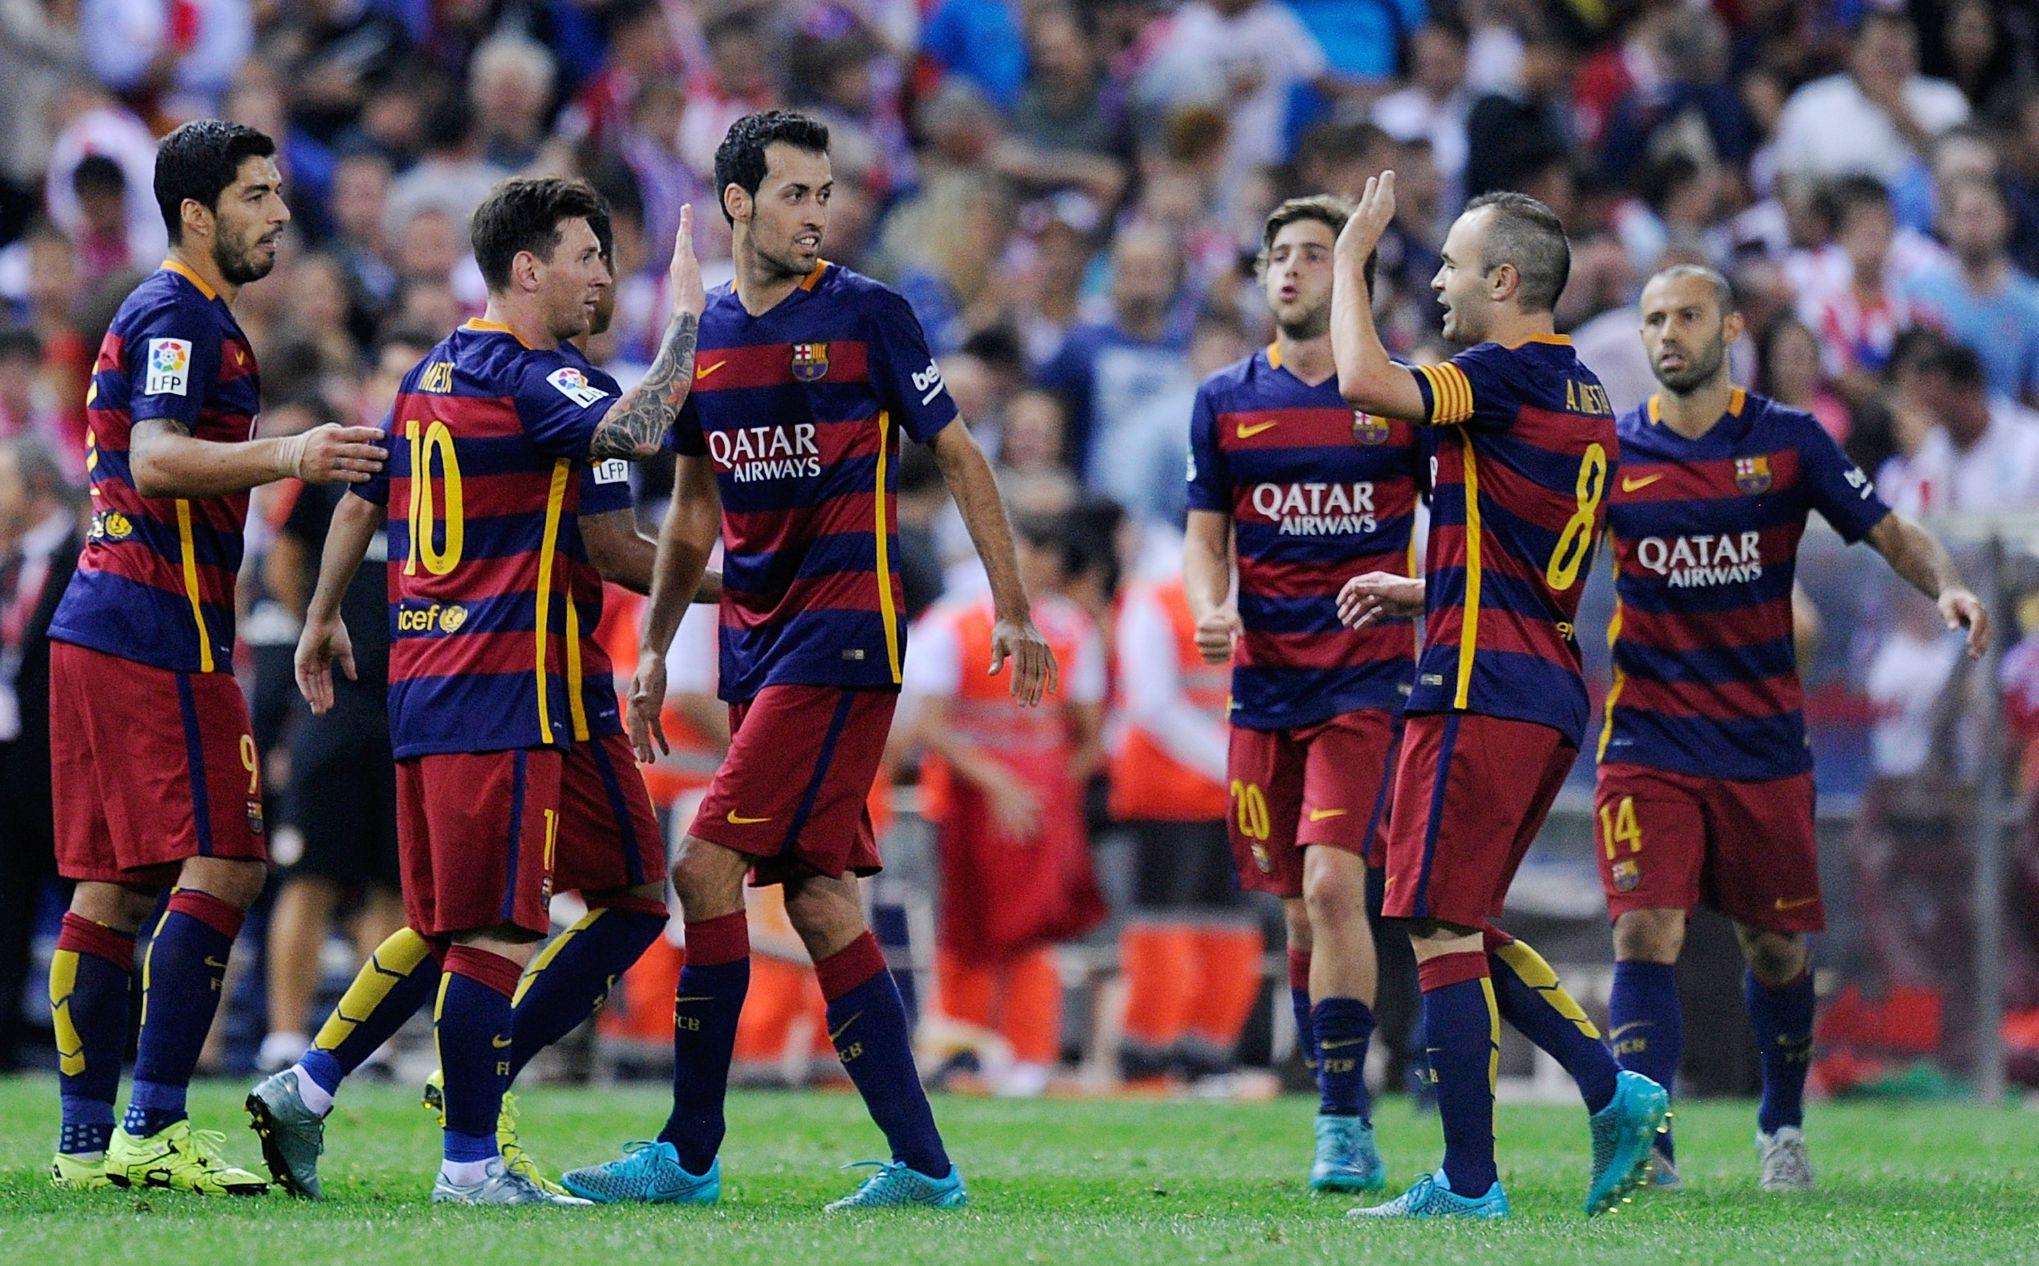 Dónde jugar al fútbol en Barcelona. Camp Municipal Agapito Fernandez: la casa de Celebreak.